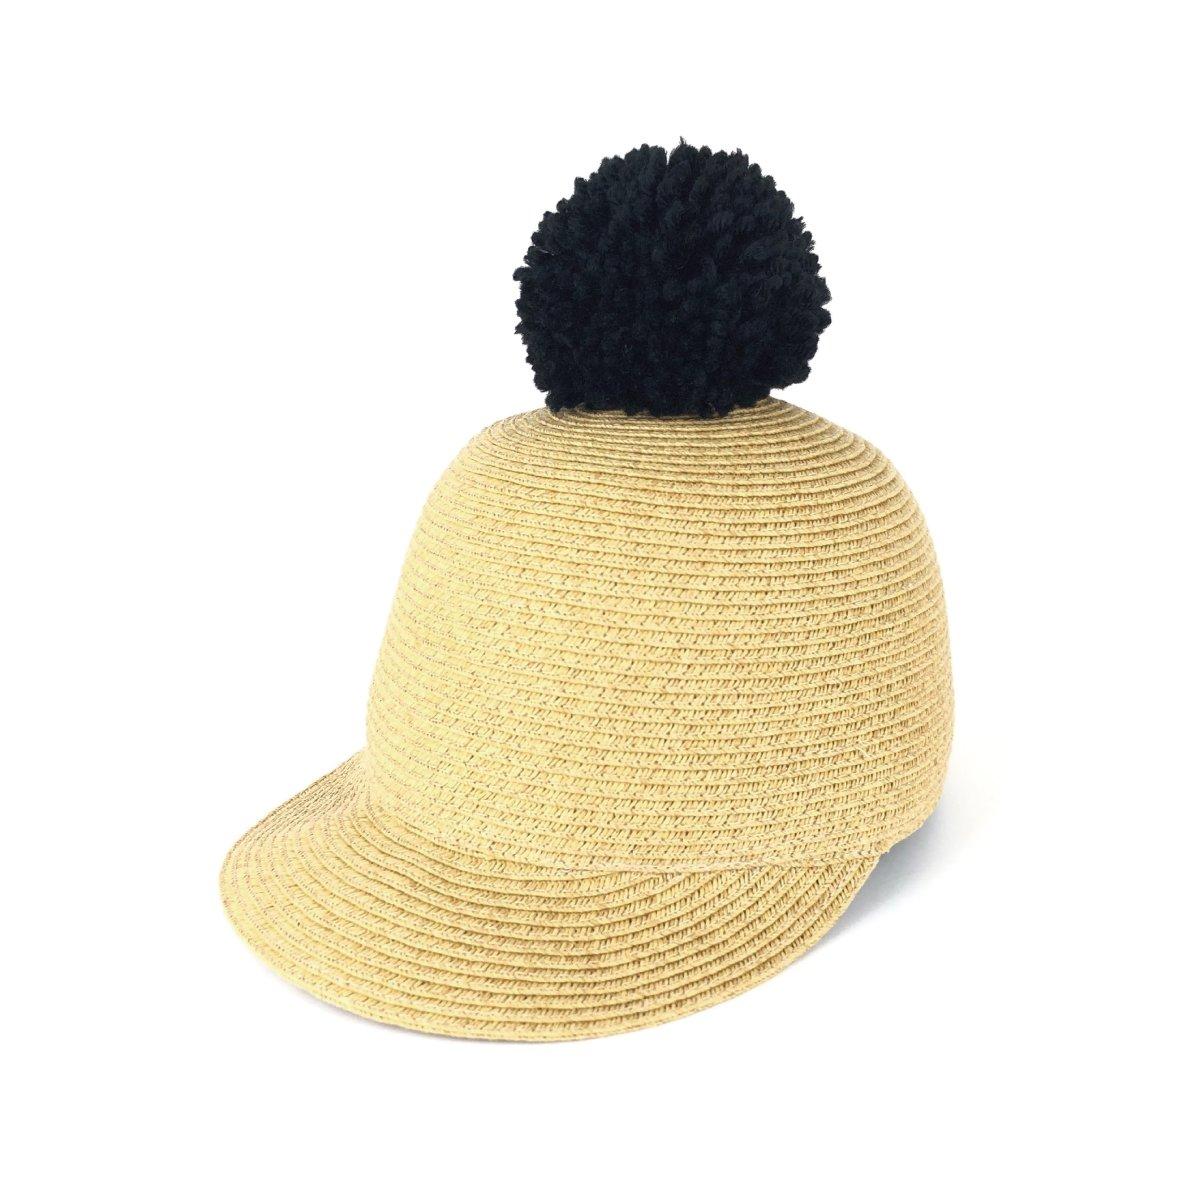 【KIDS】Big Pom Braid Cap 詳細画像1